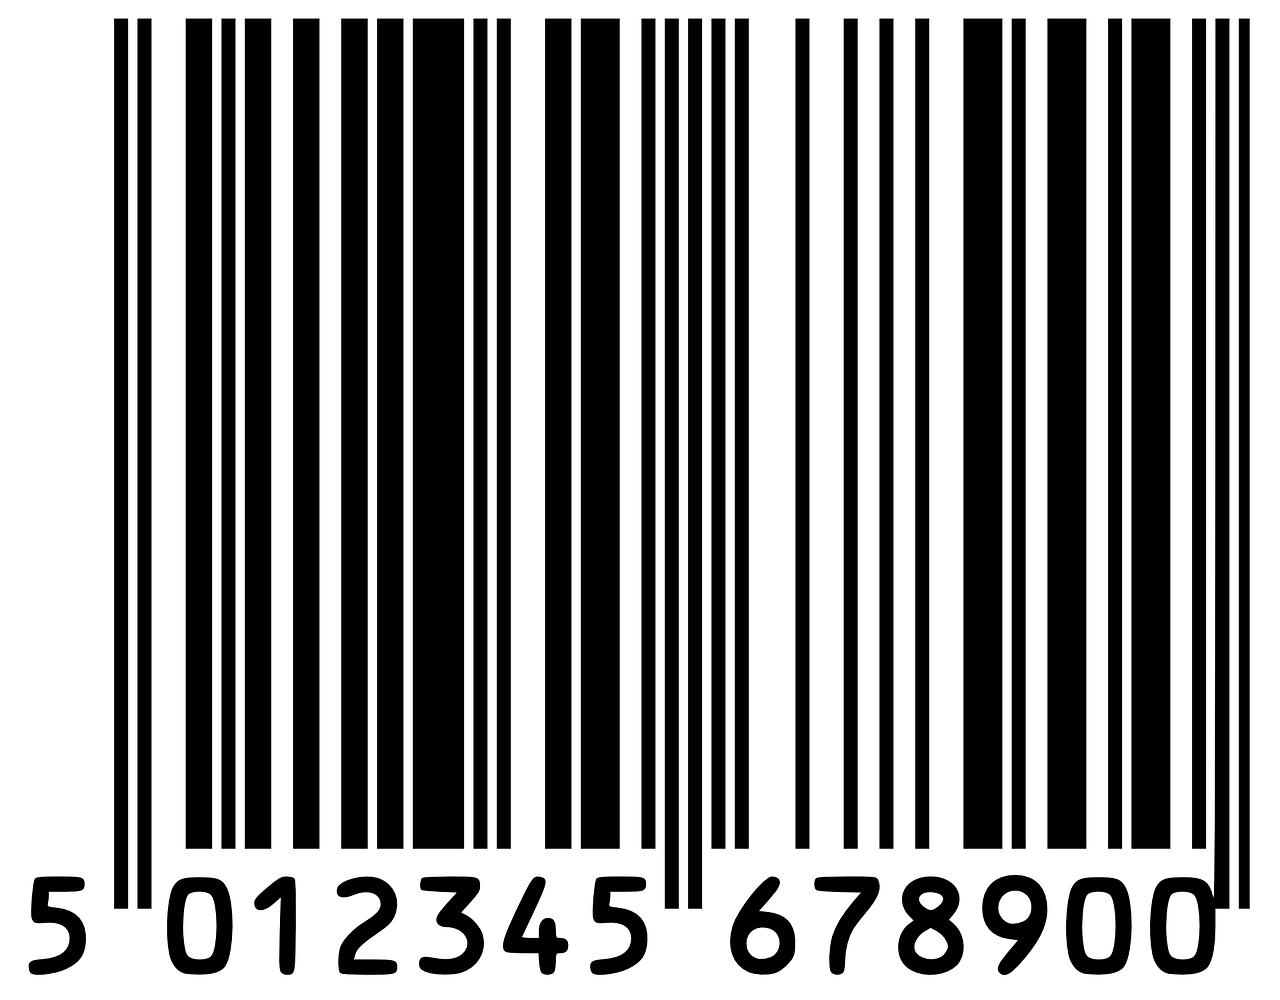 bar-code-150961_1280.png